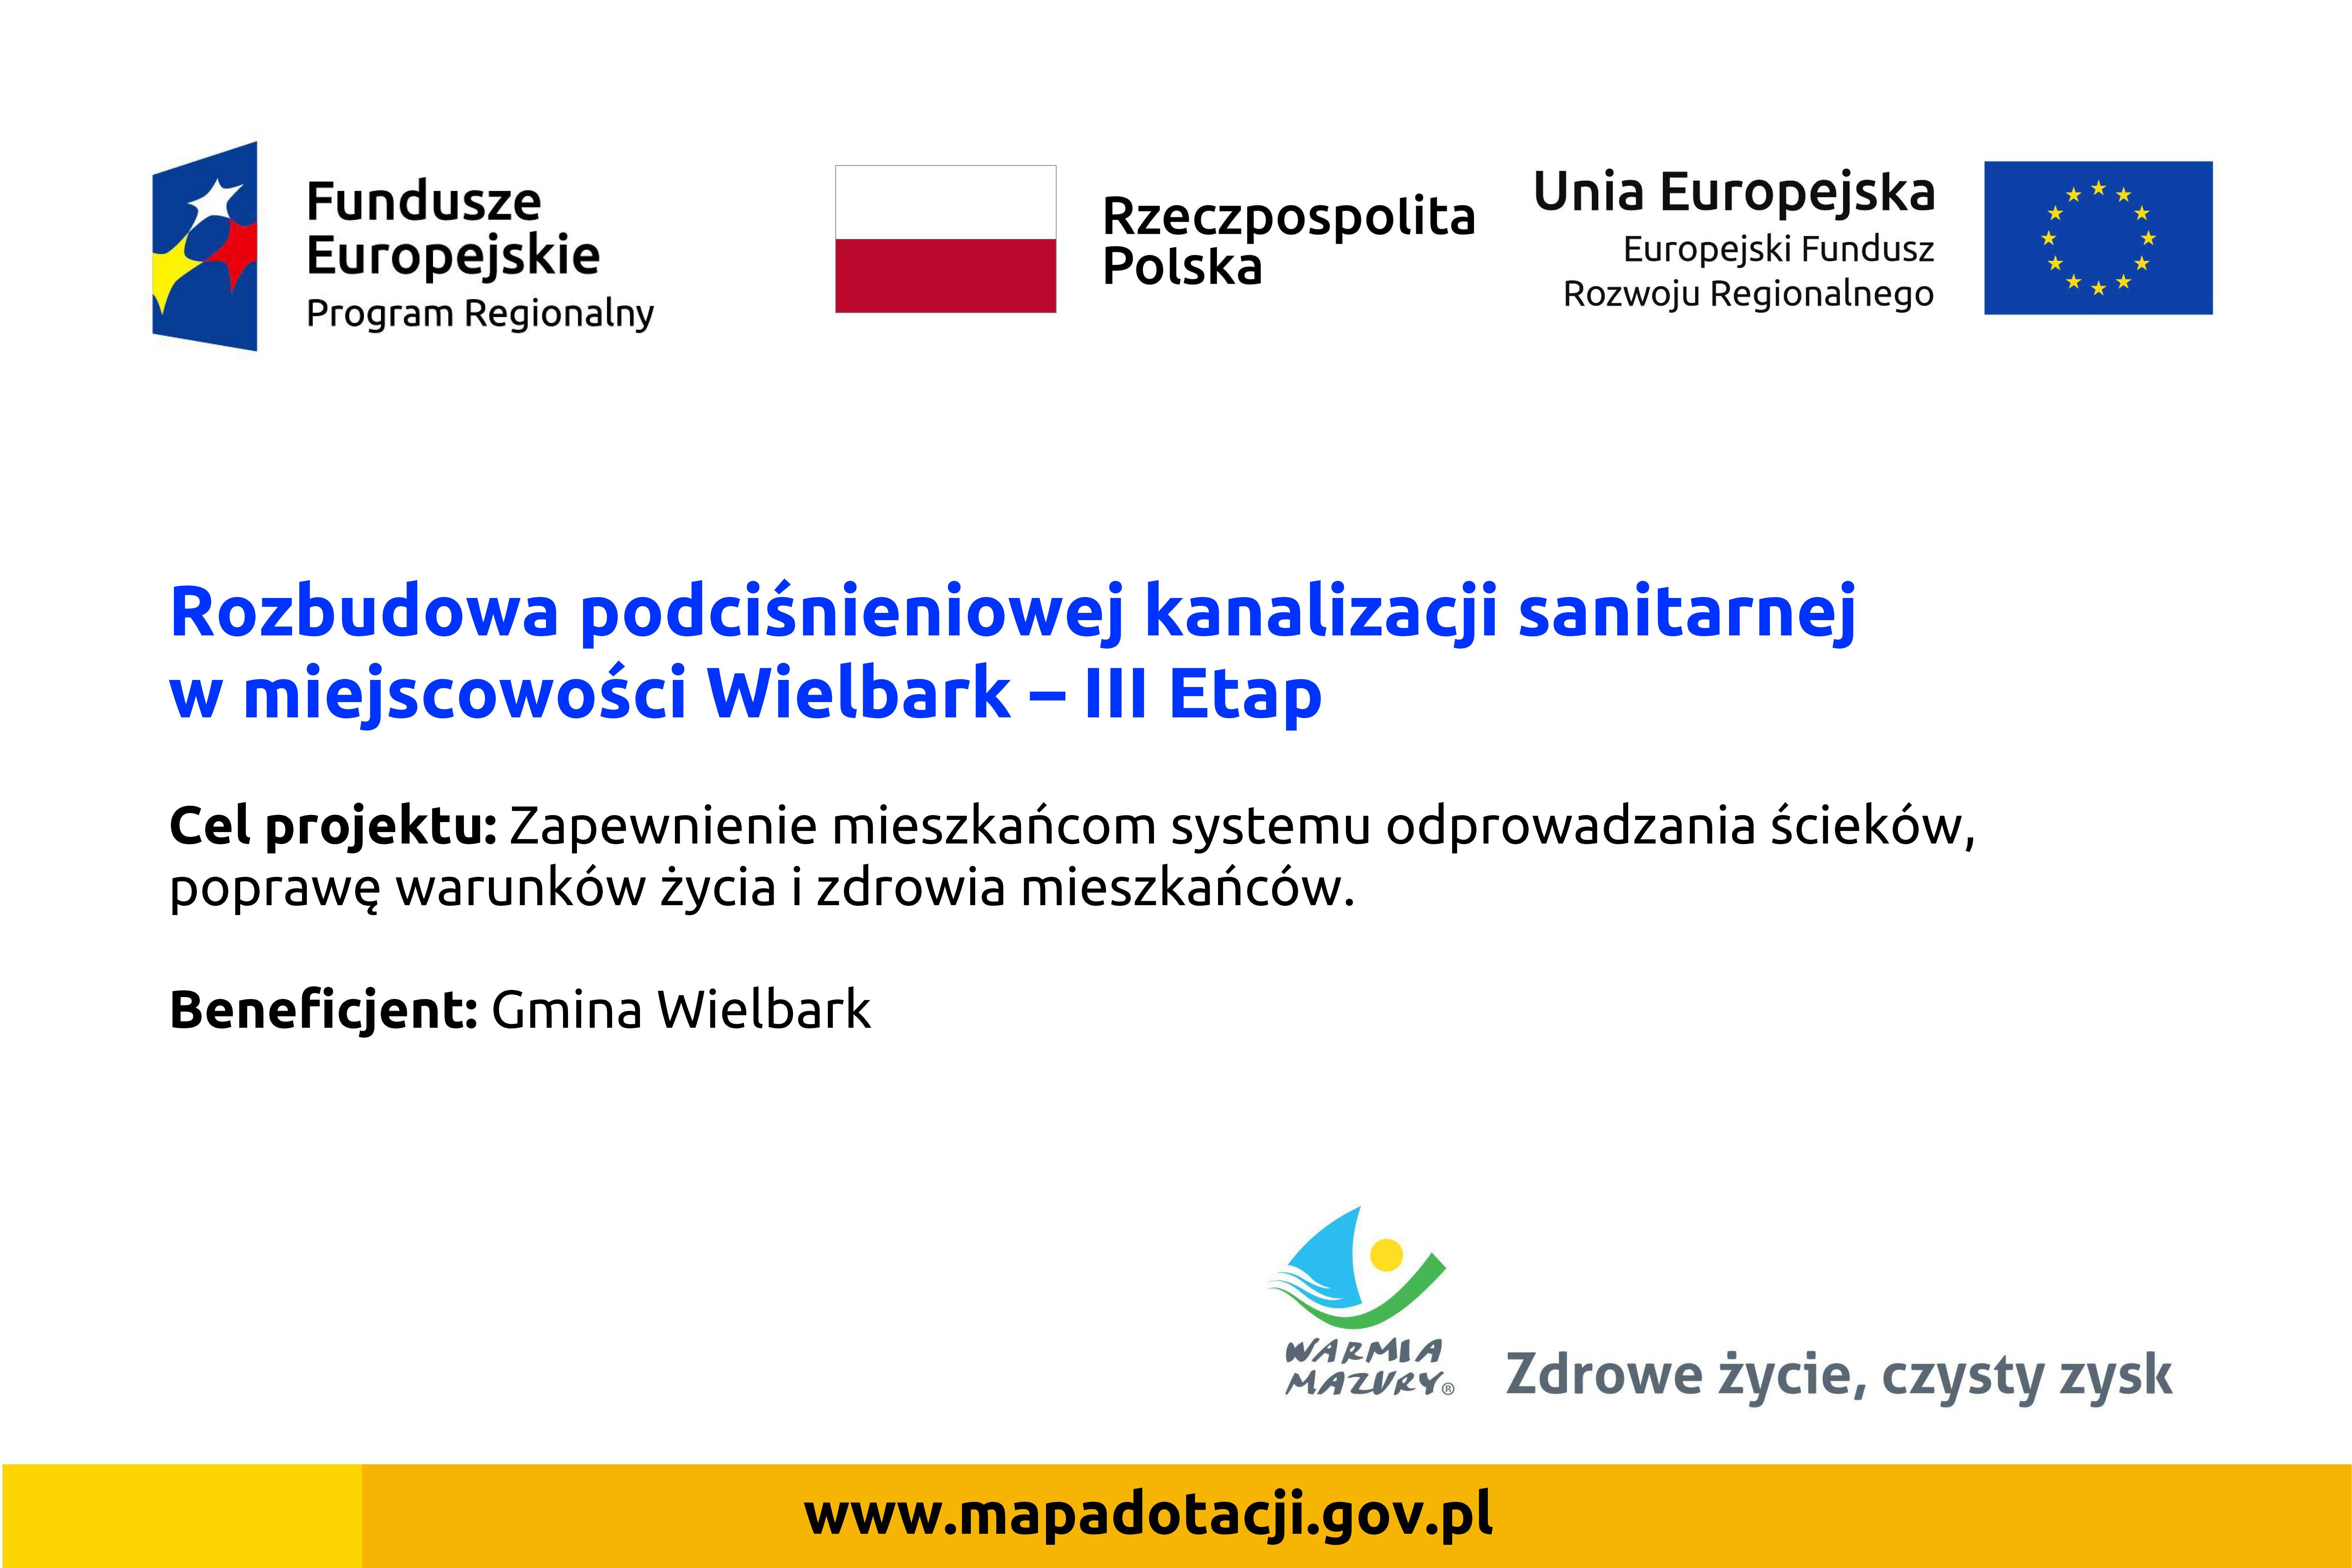 https://m.powiatszczycienski.pl/2018/09/orig/tablica-rpo-kanalizacja-01-19491.jpg